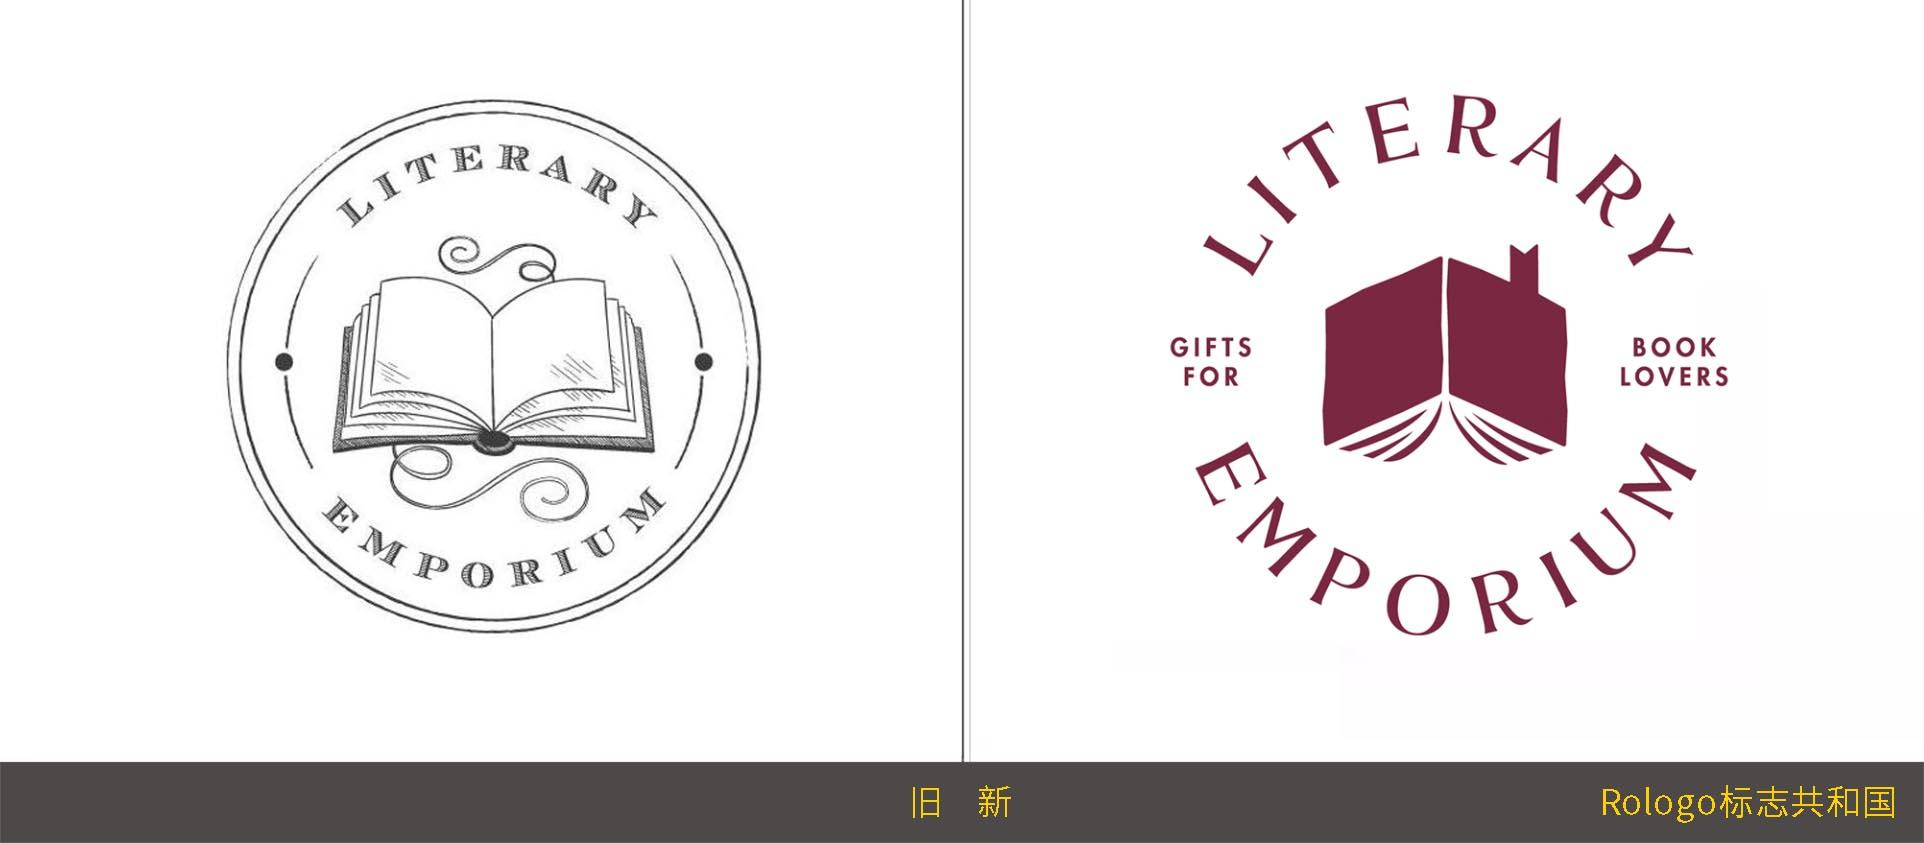 以书会友:Literary Emporium文学商城品牌形象设计